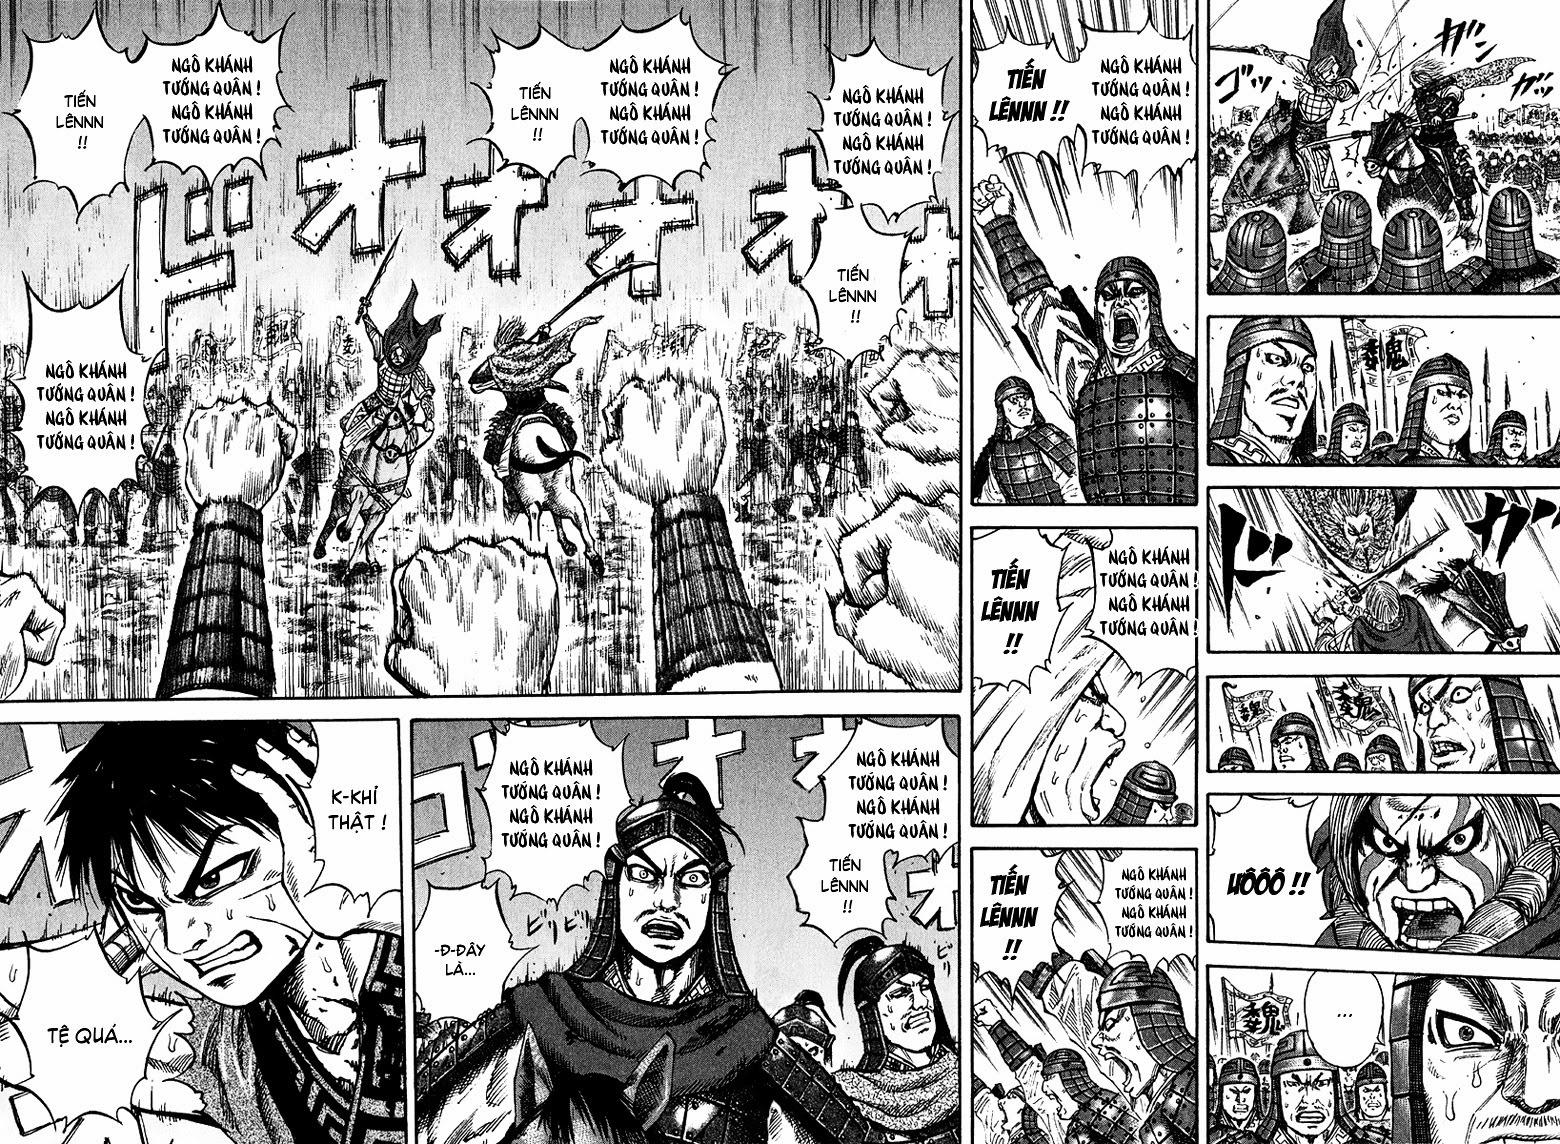 Kingdom – Vương Giả Thiên Hạ (Tổng Hợp) chap 71 page 9 - IZTruyenTranh.com